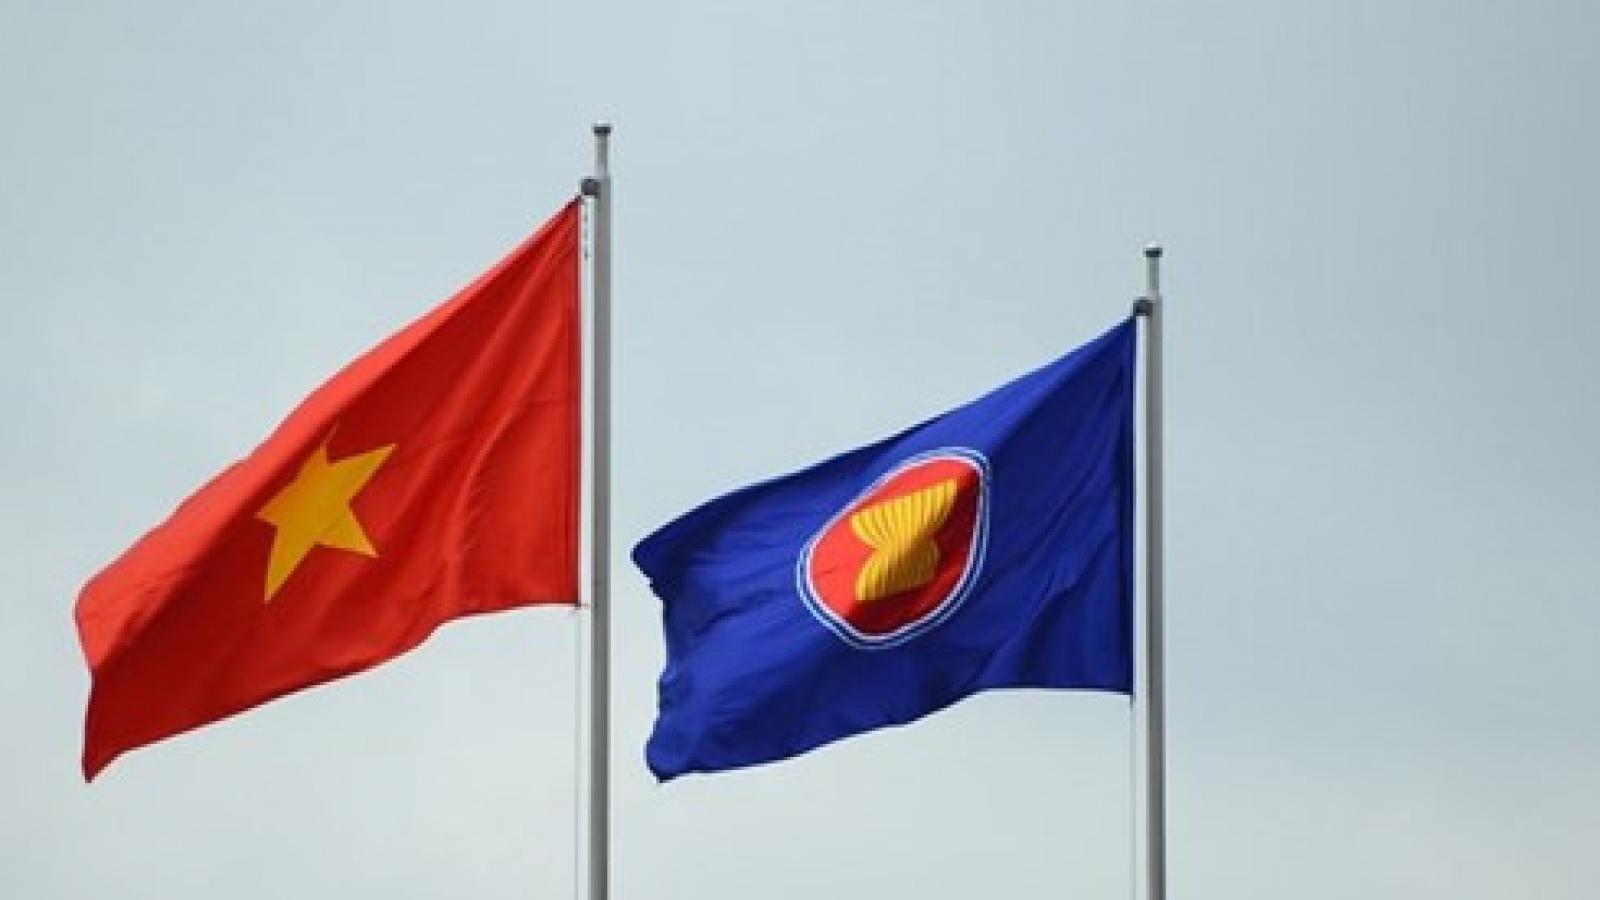 Vietnam's 22 years of membership in ASEAN